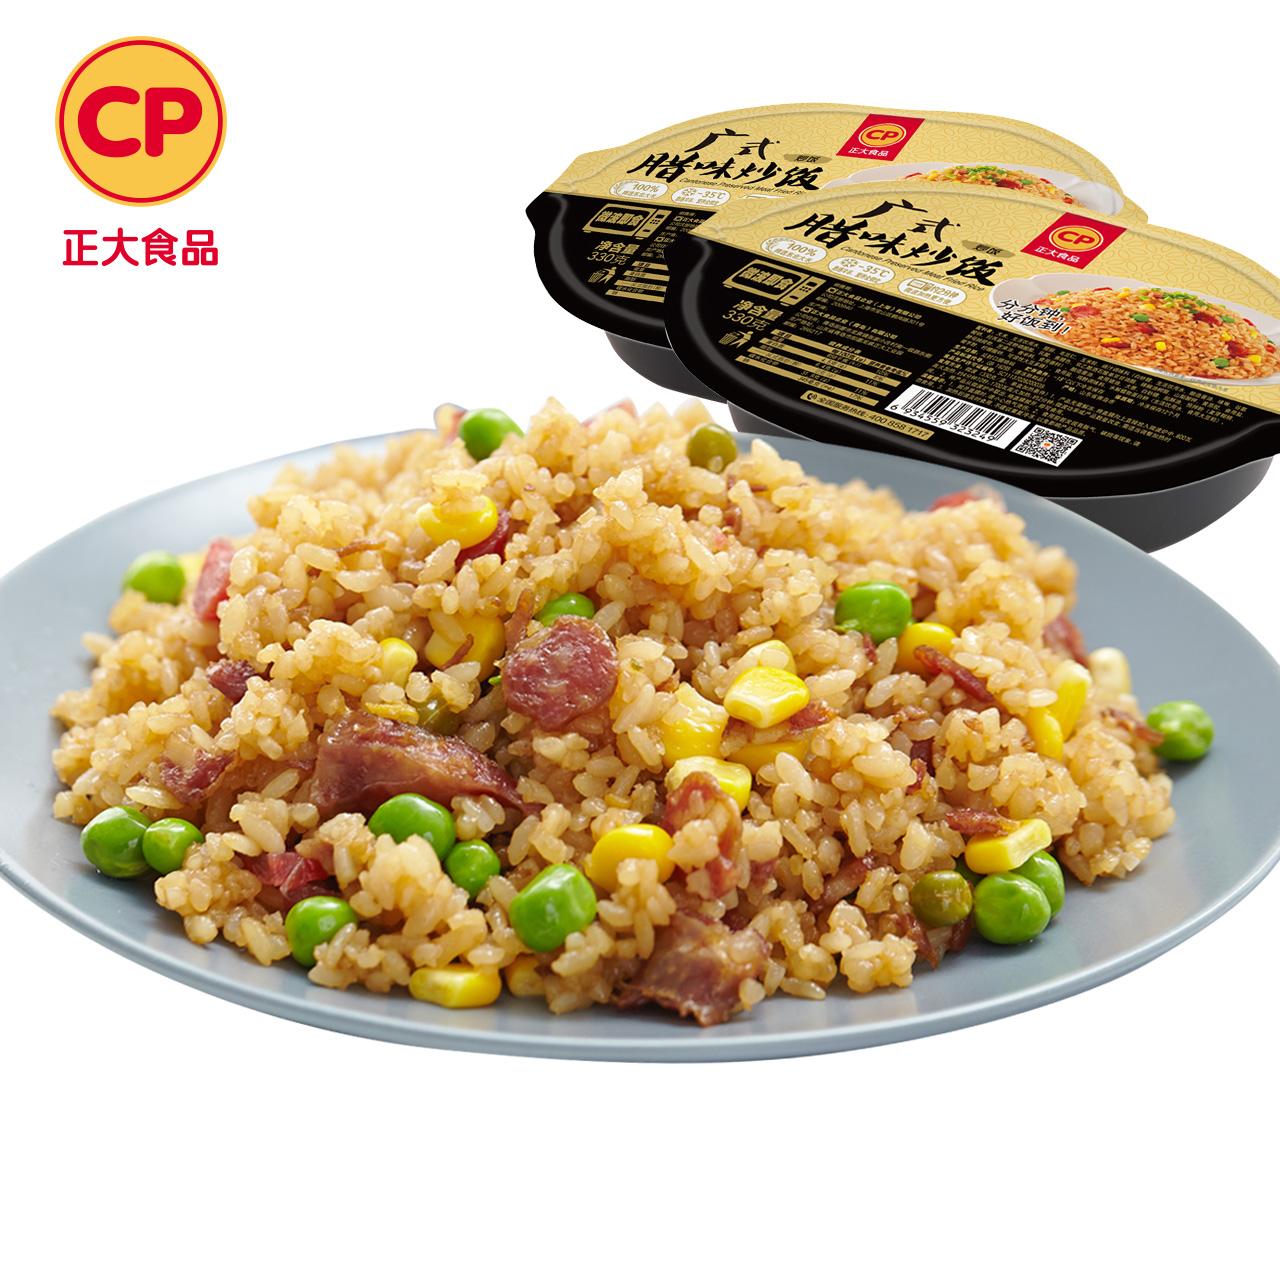 正大食品(CP)广式腊味炒饭 330g/盒*2盒 3分钟速成早餐 加热即食